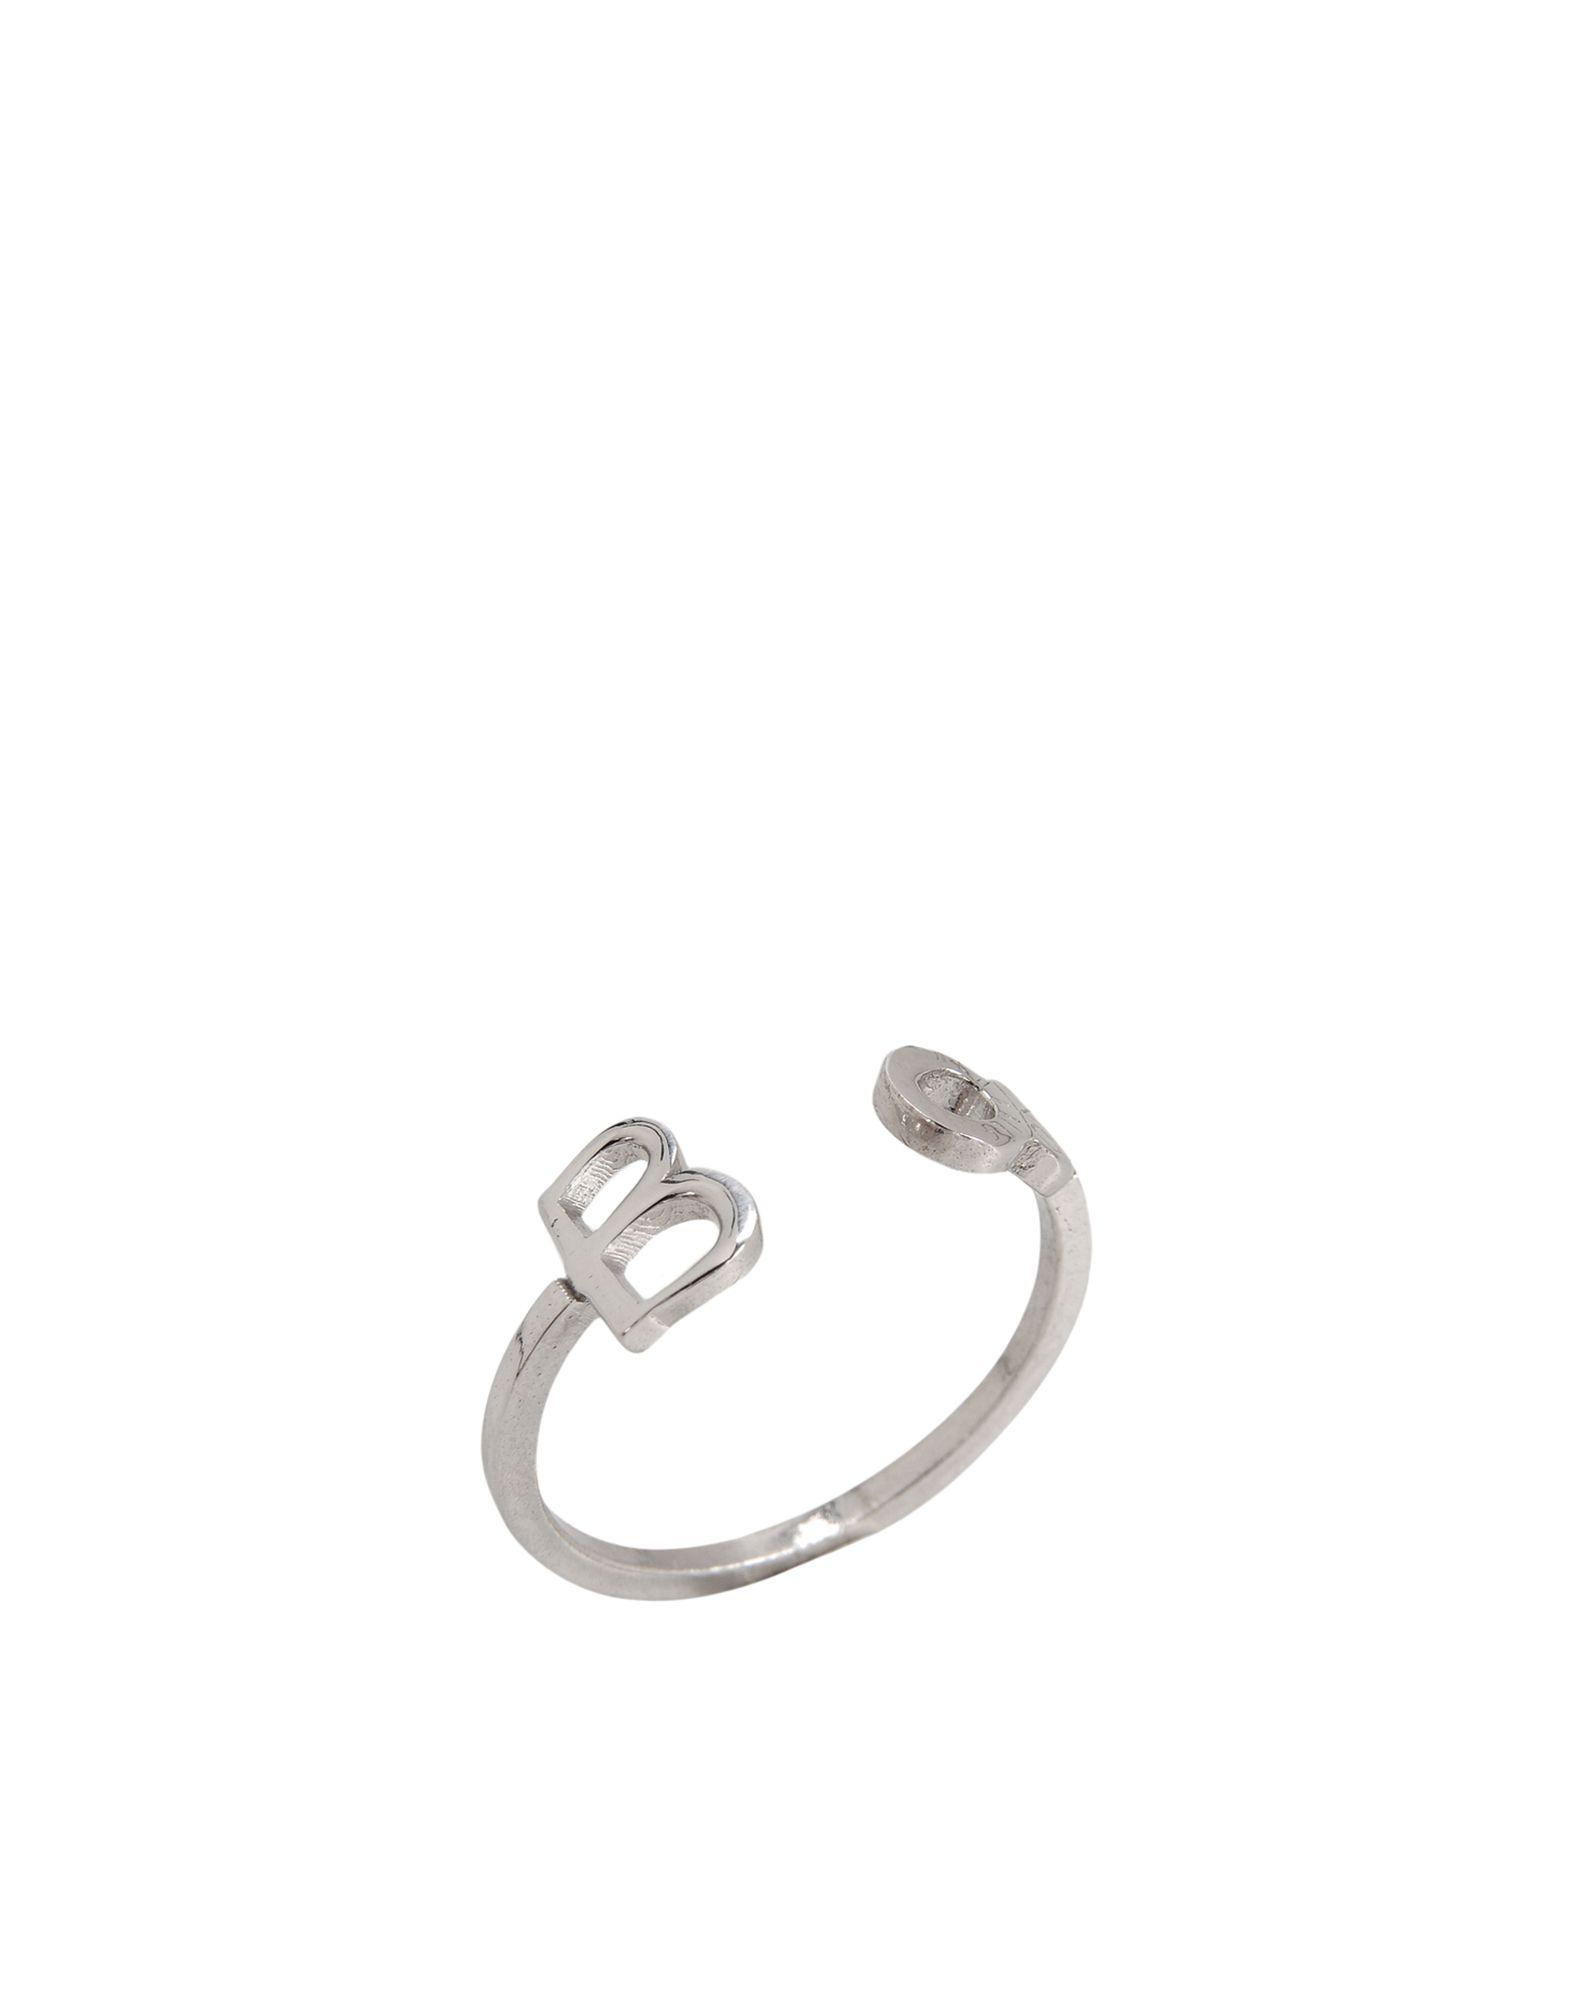 《セール開催中》FIRST PEOPLE FIRST レディース 指輪 シルバー one size シルバー925/1000 RING LETTERING-STICK